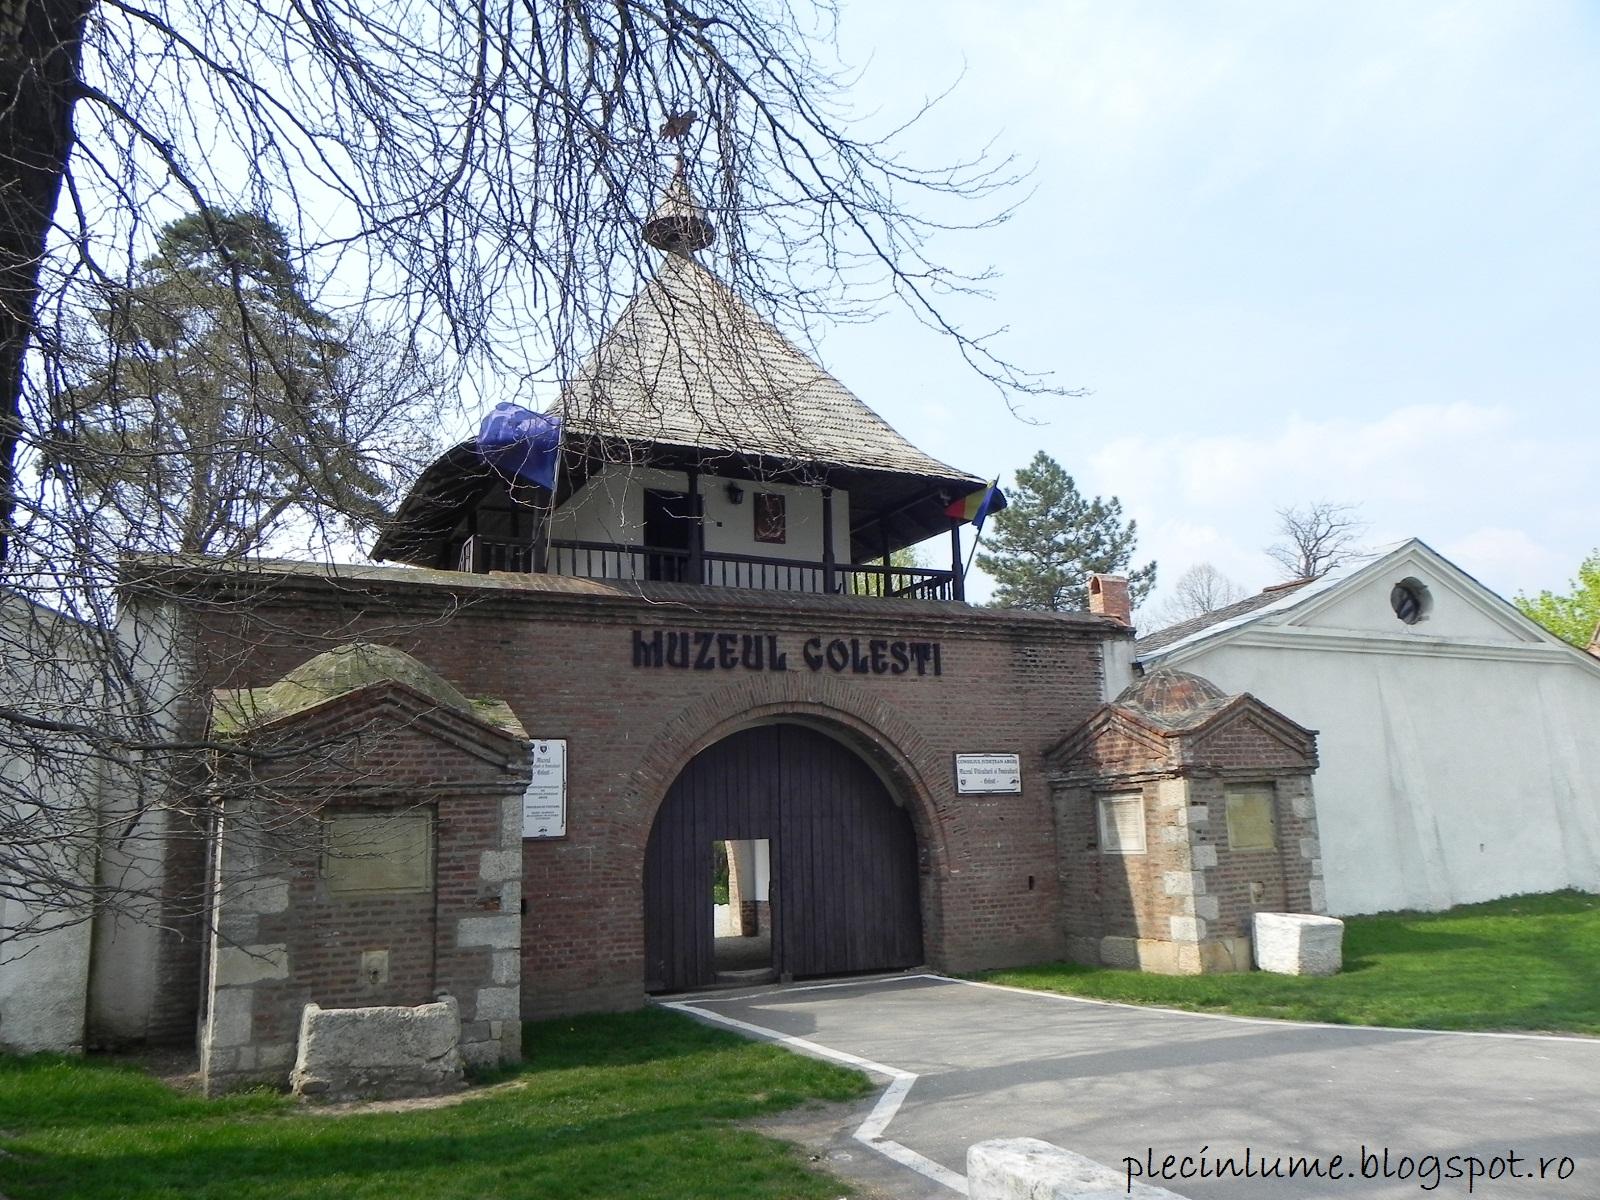 Intrarea in Muzeul Golesti